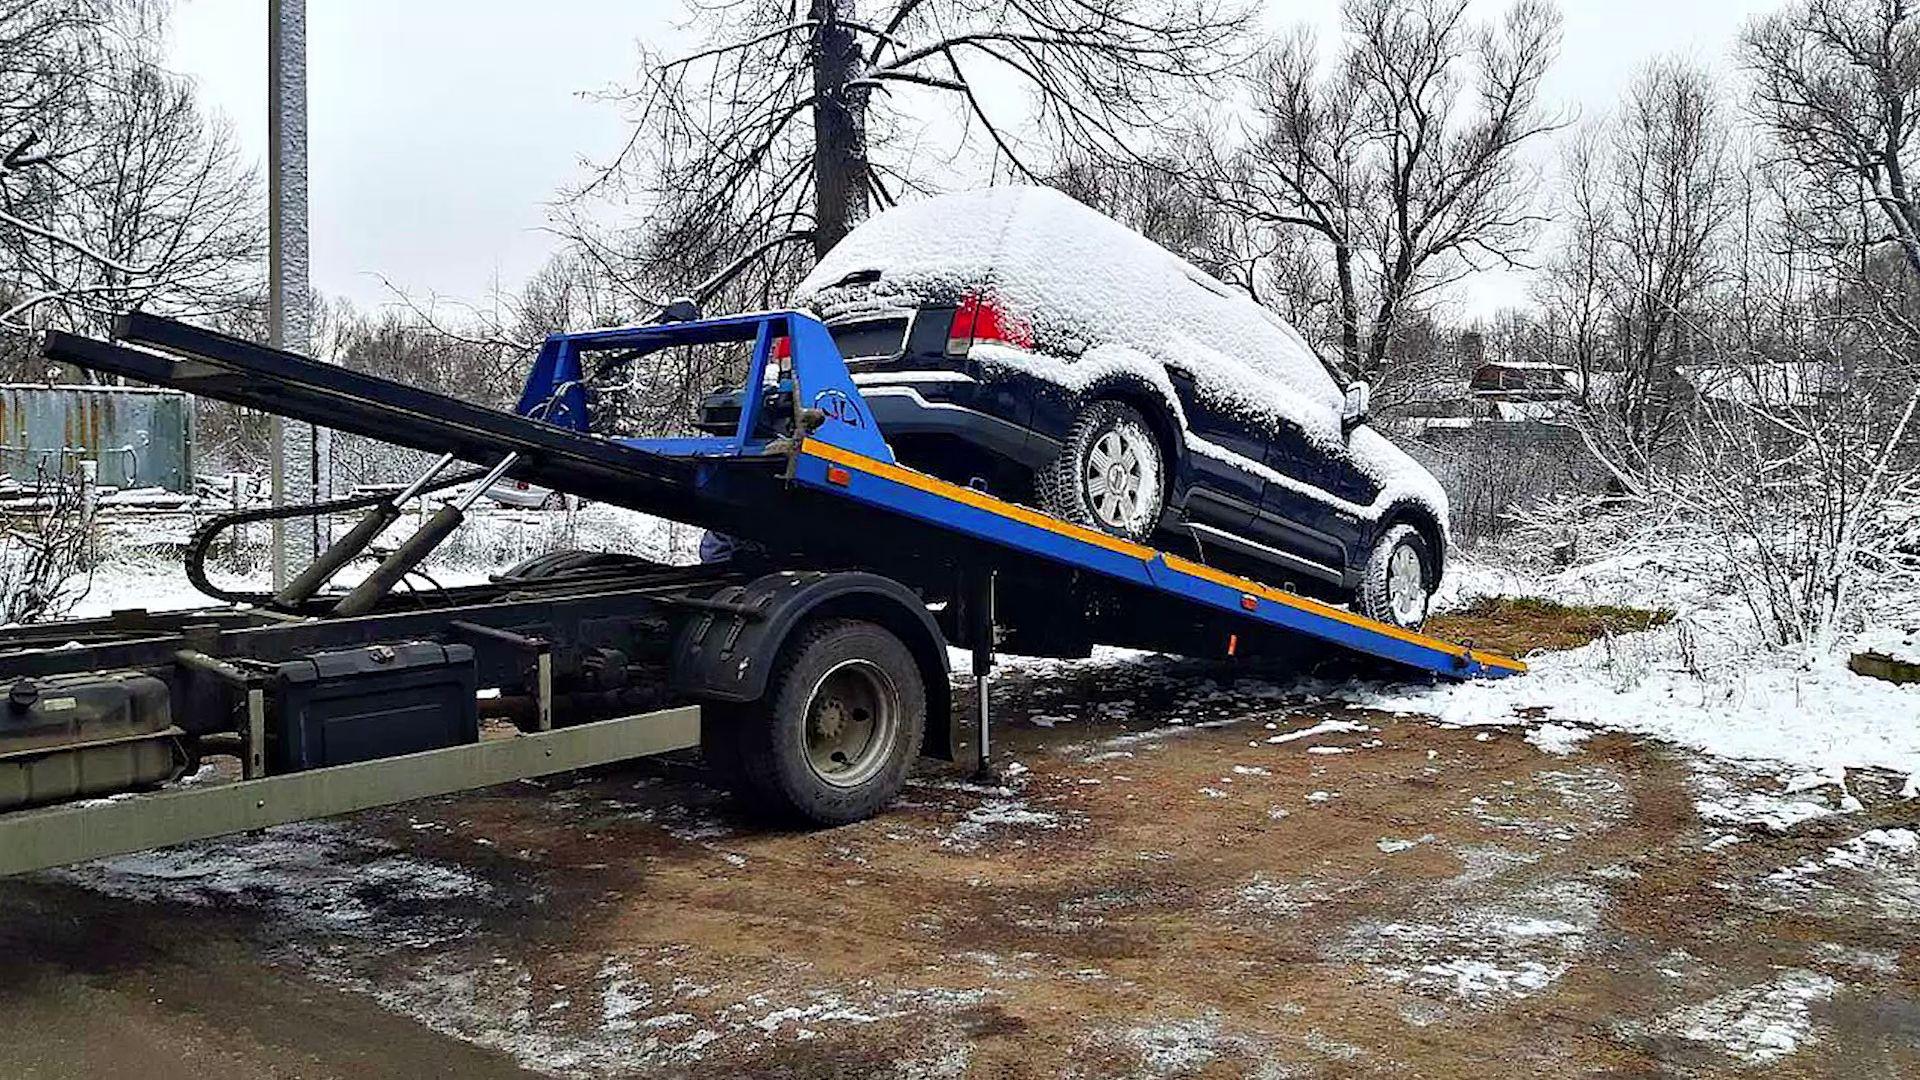 Ярославец избил мужчину, попал в колонию и лишился авто